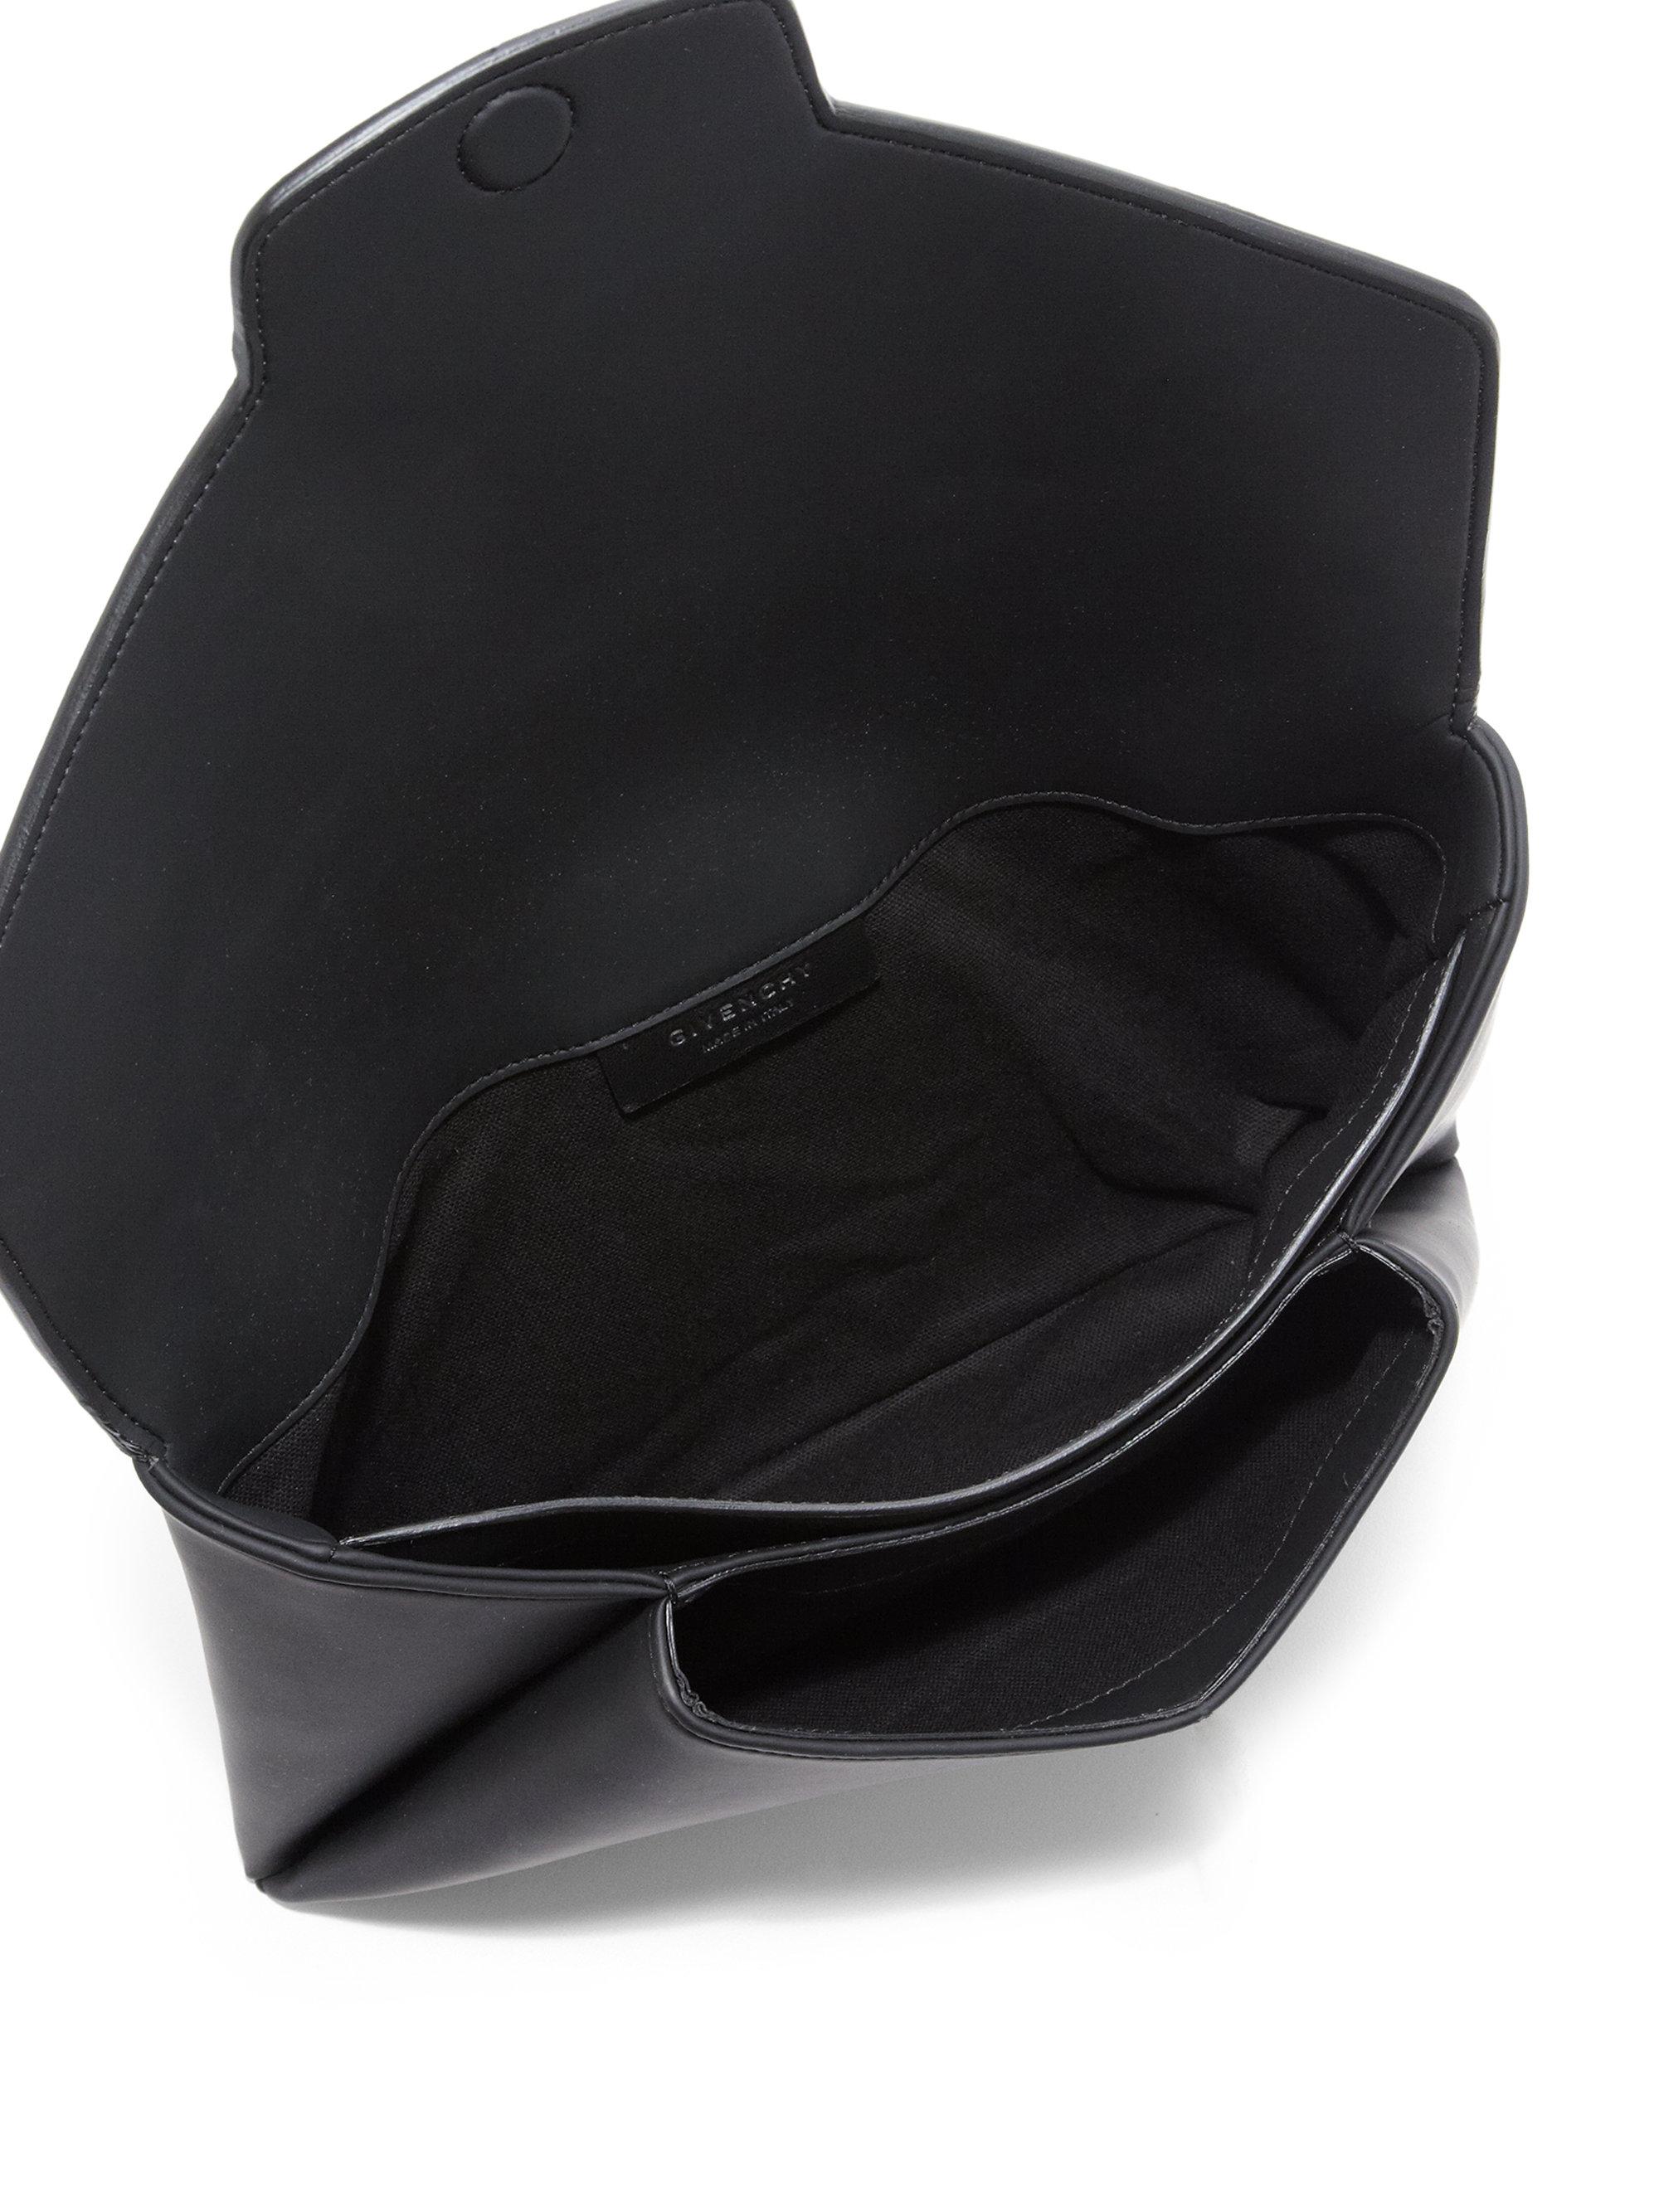 c9f17ae1c9 Lyst - Givenchy Antigona Medium Faux-leather Envelope Clutch in Black